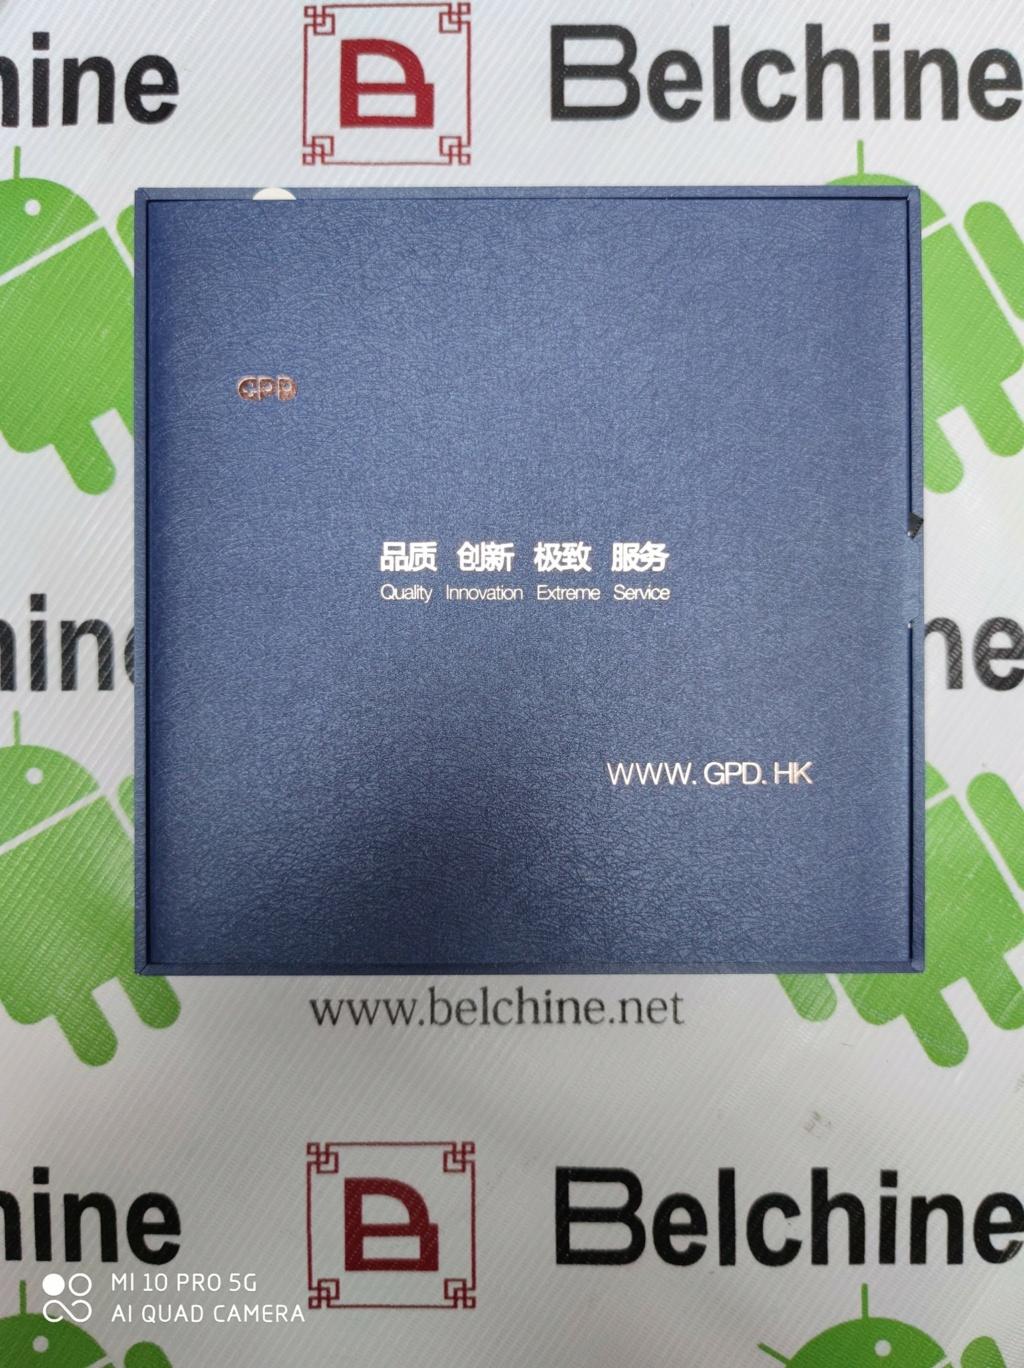 WinMax sur Belchine.net - Page 2 Gpd-wi13